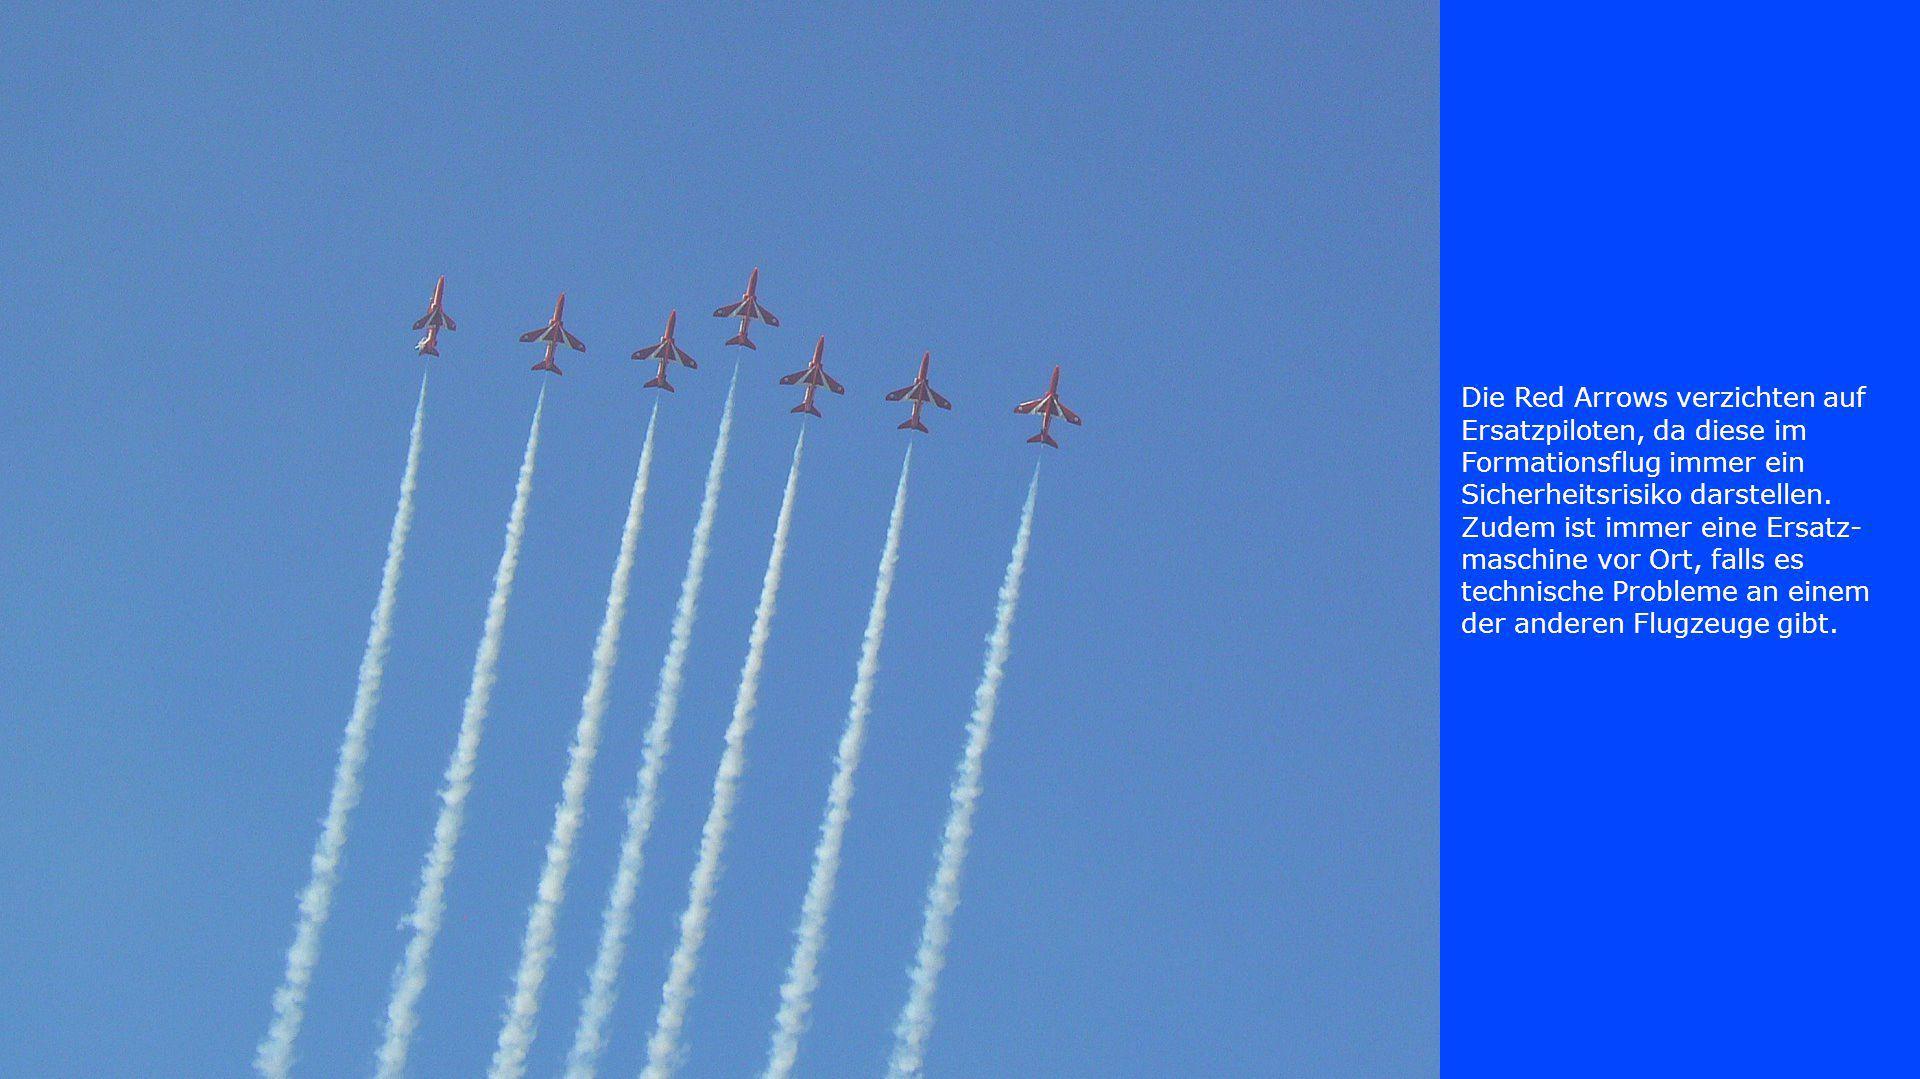 Die Red Arrows verzichten auf Ersatzpiloten, da diese im Formationsflug immer ein Sicherheitsrisiko darstellen. Zudem ist immer eine Ersatz- maschine